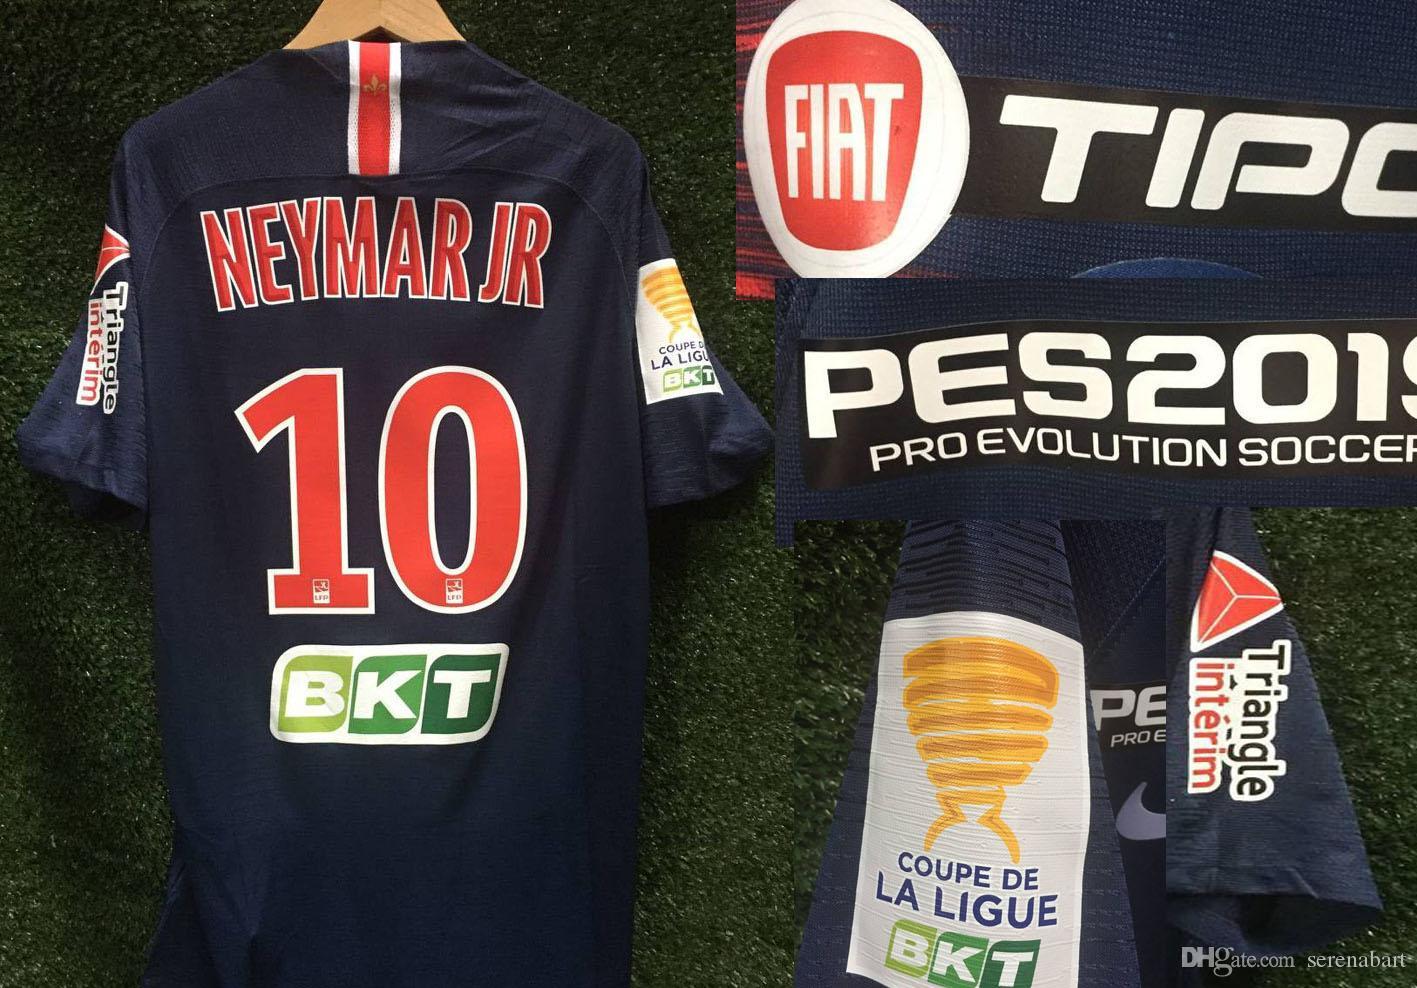 2019 النسخة لاعب كأس الدوري الفرنسي جيرسي مايوه Mbappe نيمار مع جميع الراعي تصحيح جيرسي